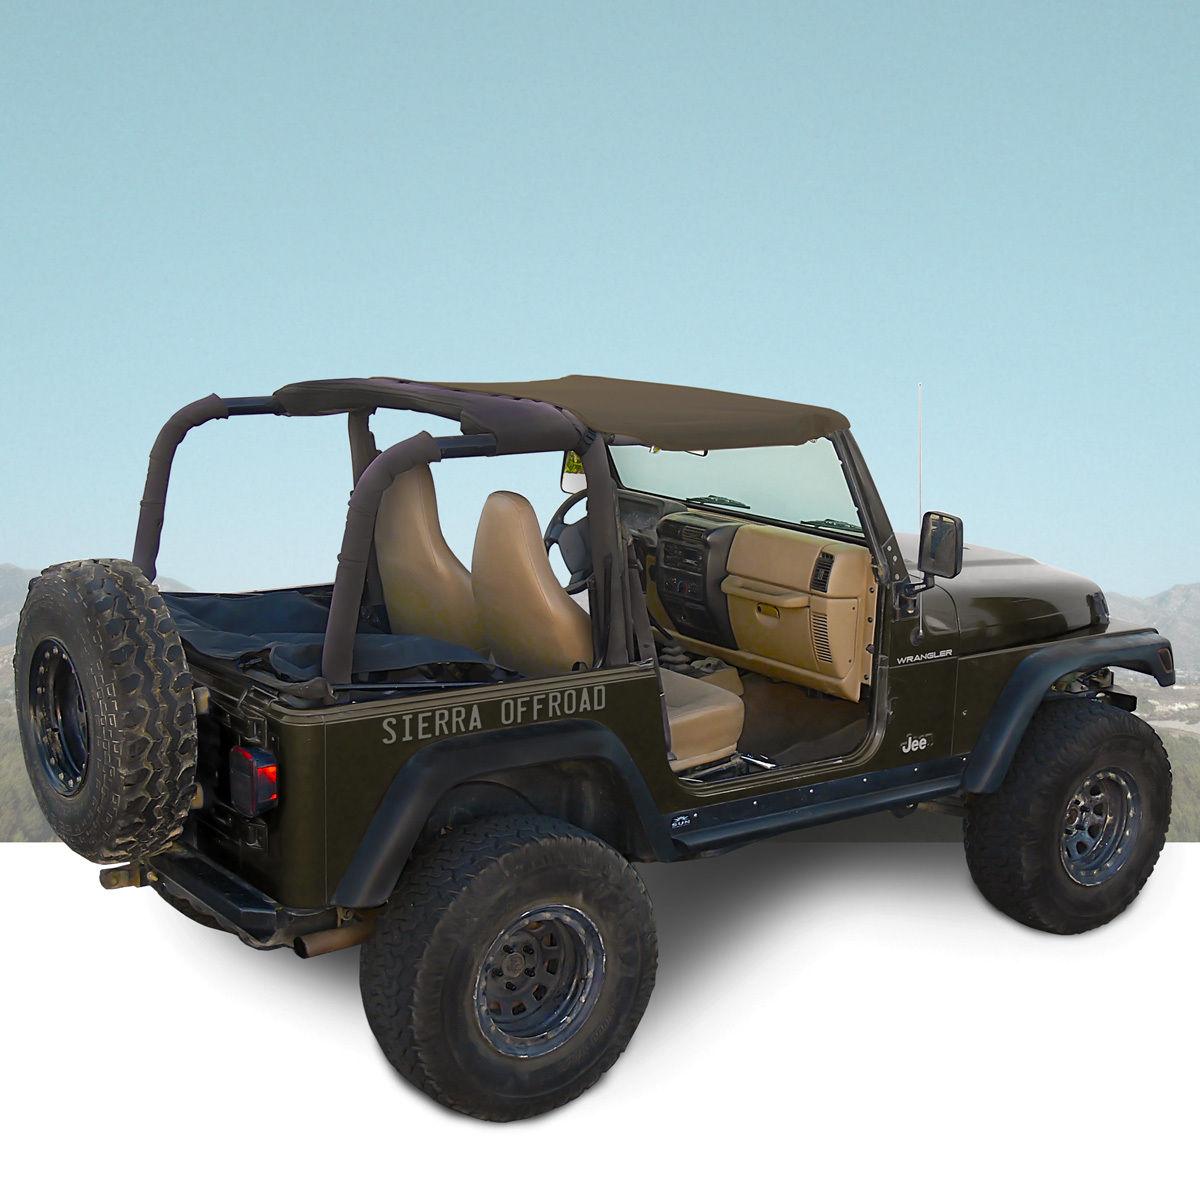 幌 ジープサントップ97-06ラングラーTJカーキダイヤモンド Jeep Sun Top for 97-06 Wrangler TJ in Khaki Diamond